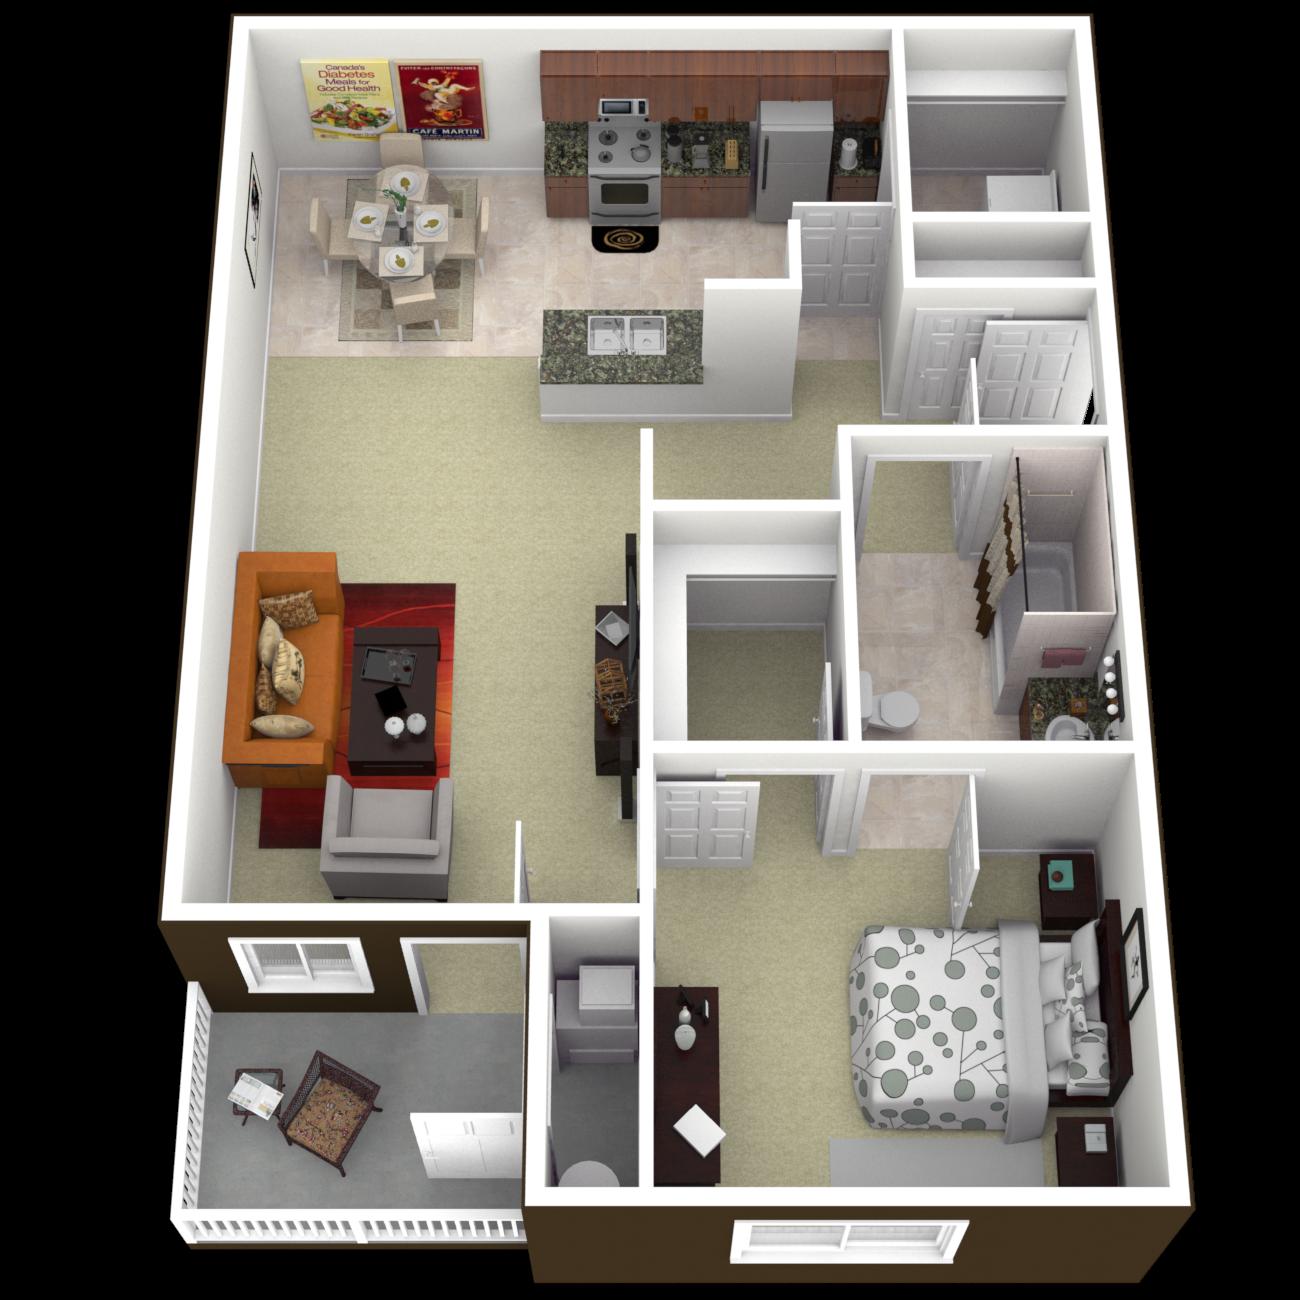 The Monoco Floor Plan 1